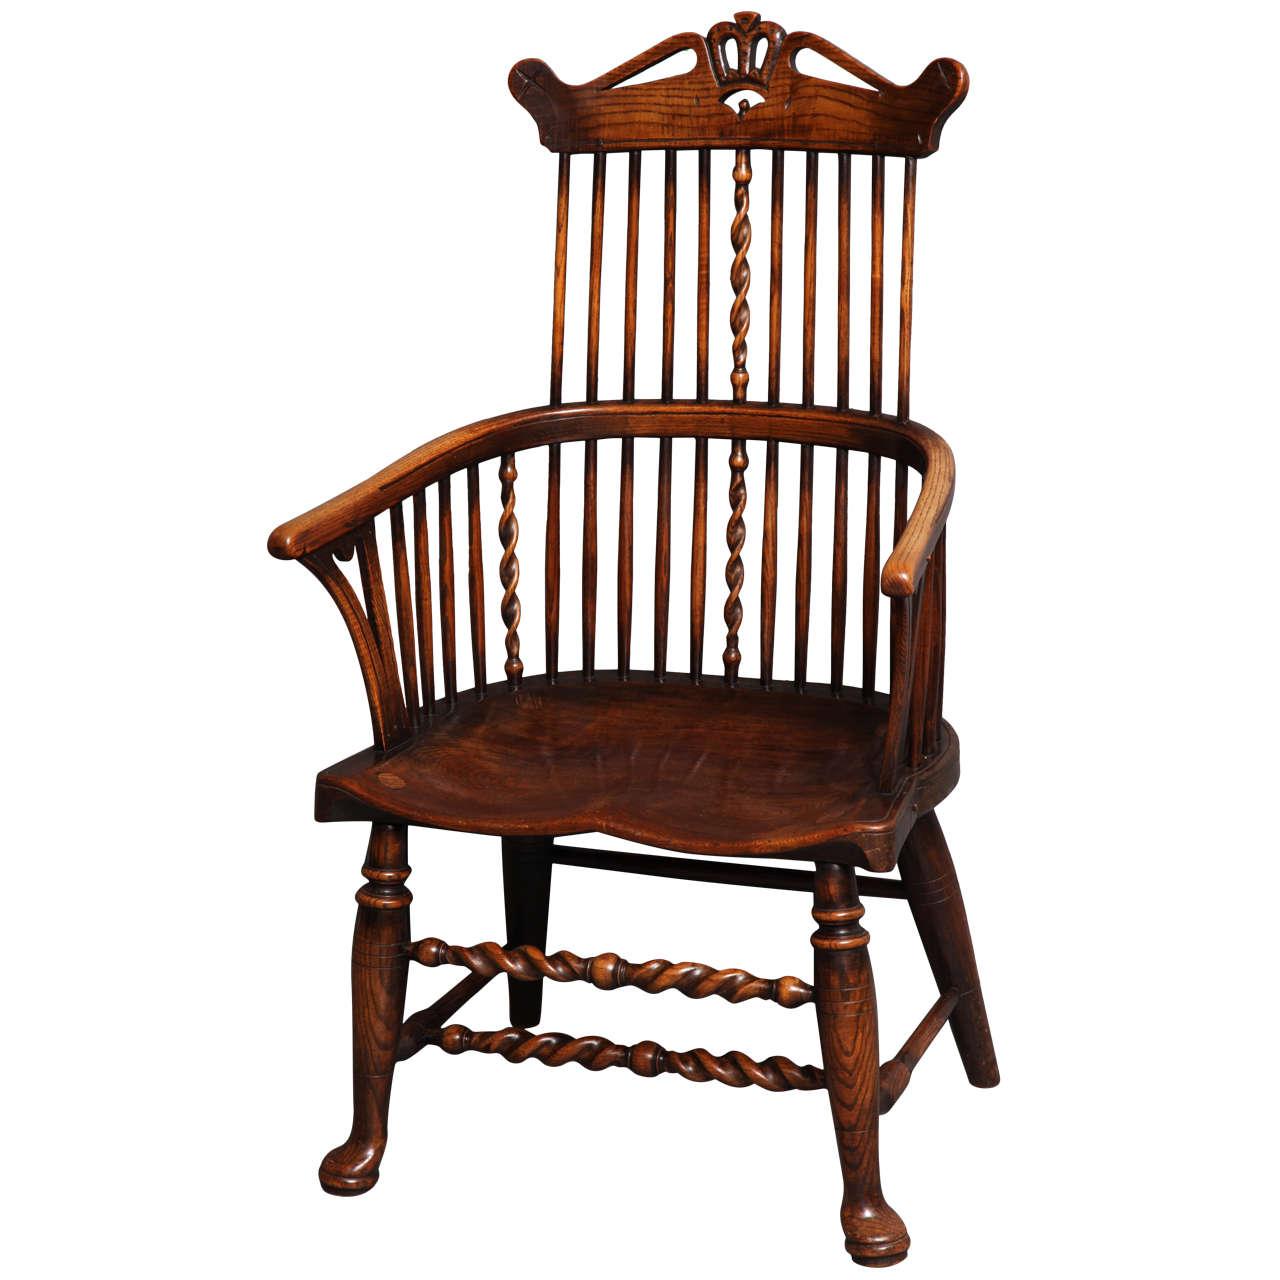 100 wainscot chair 17th century oak wainscot chair elaine p